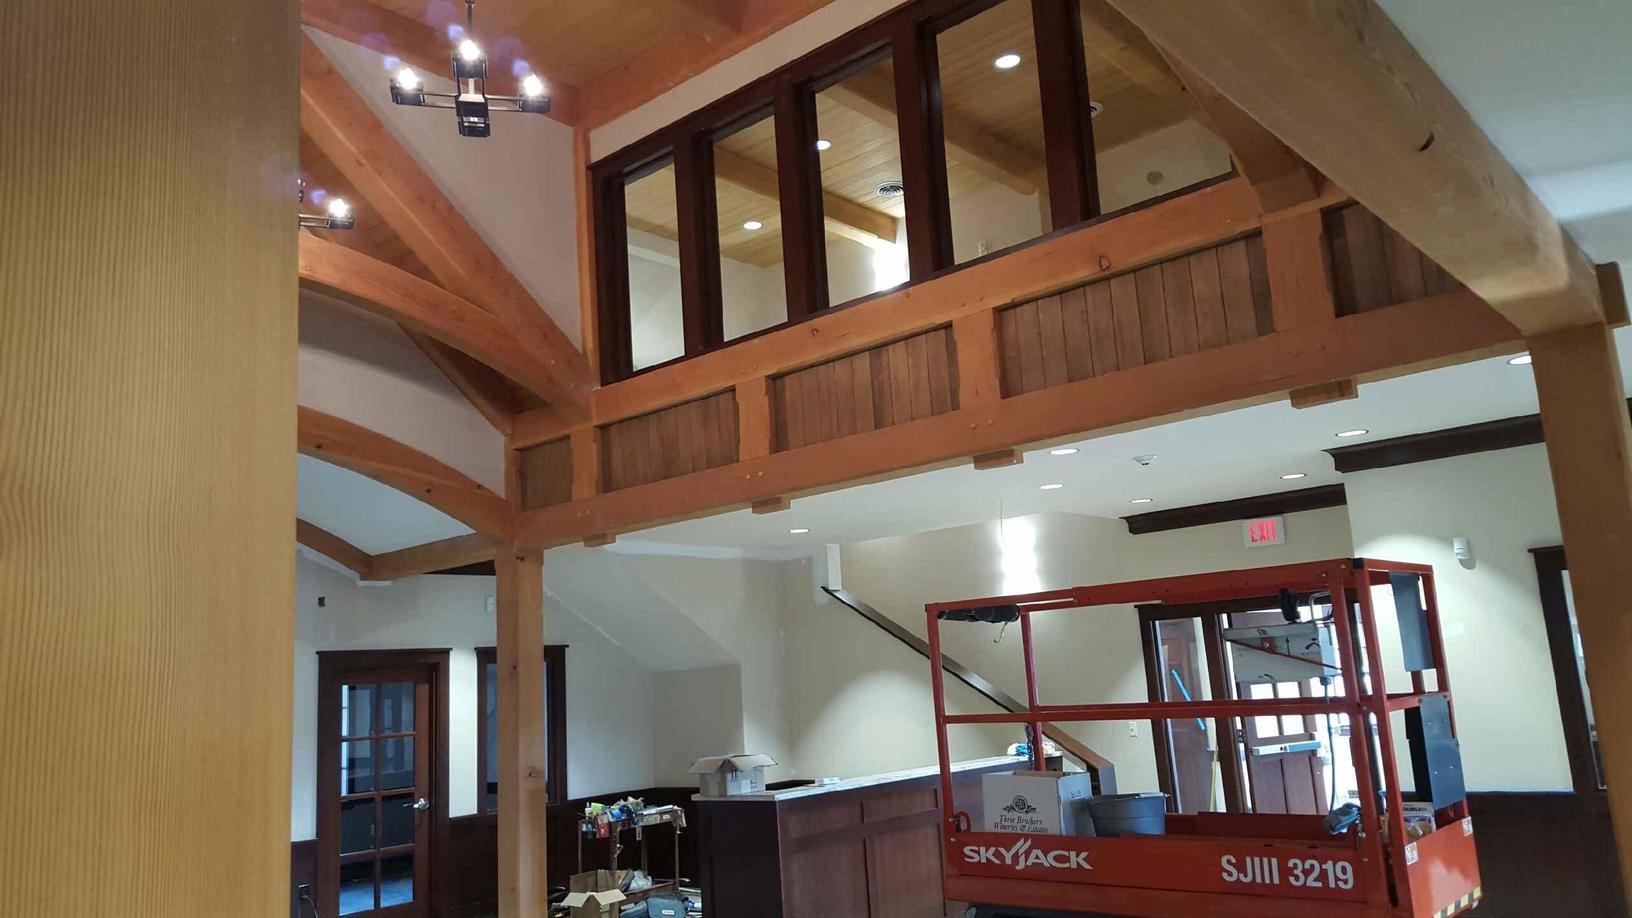 LNB Interior Lighting Installation in Fairport